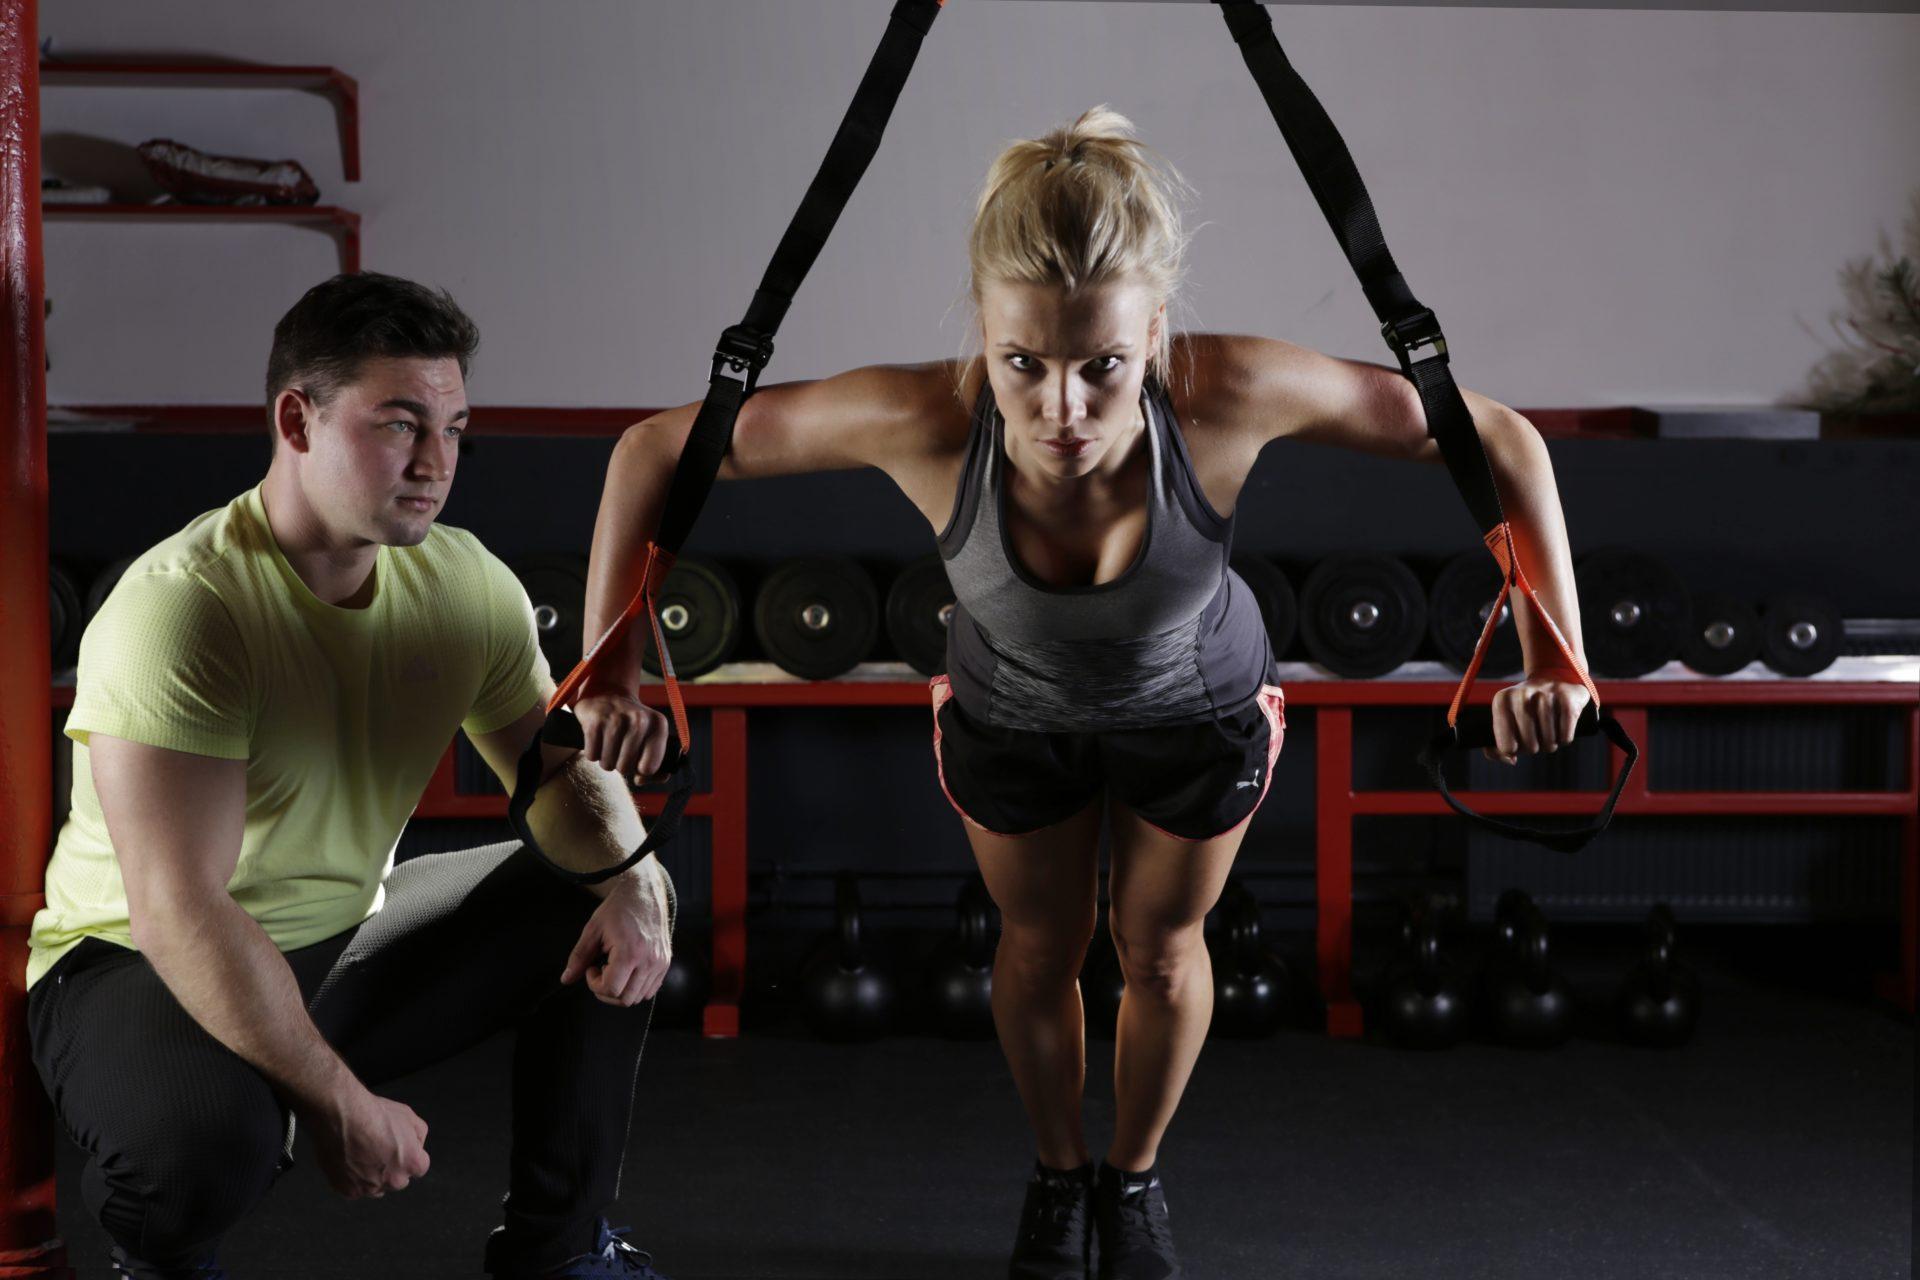 hiit ejercicio alta intensidad